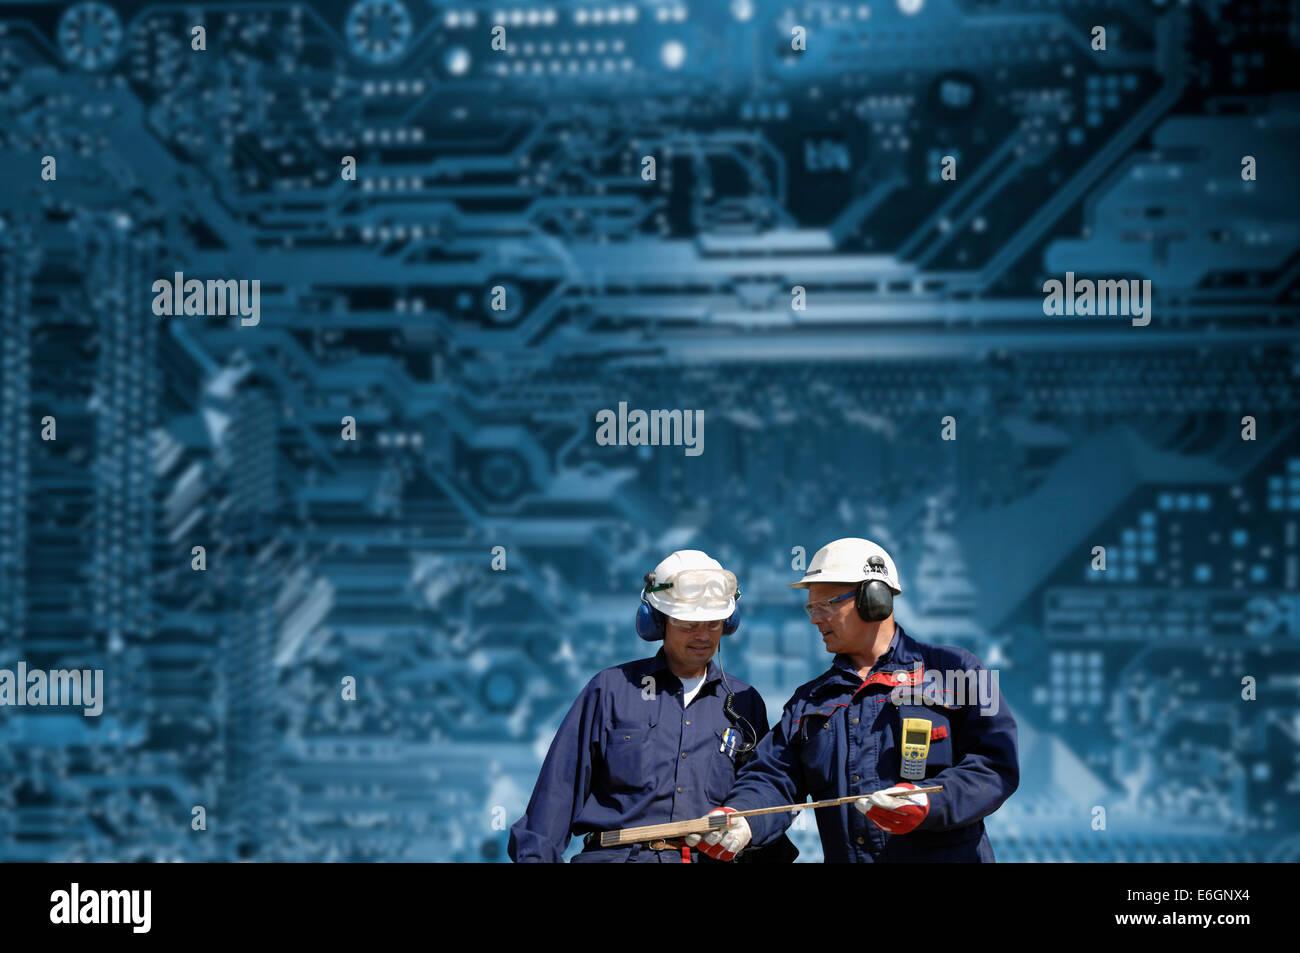 Ingegneria e tecnologia concept Immagini Stock